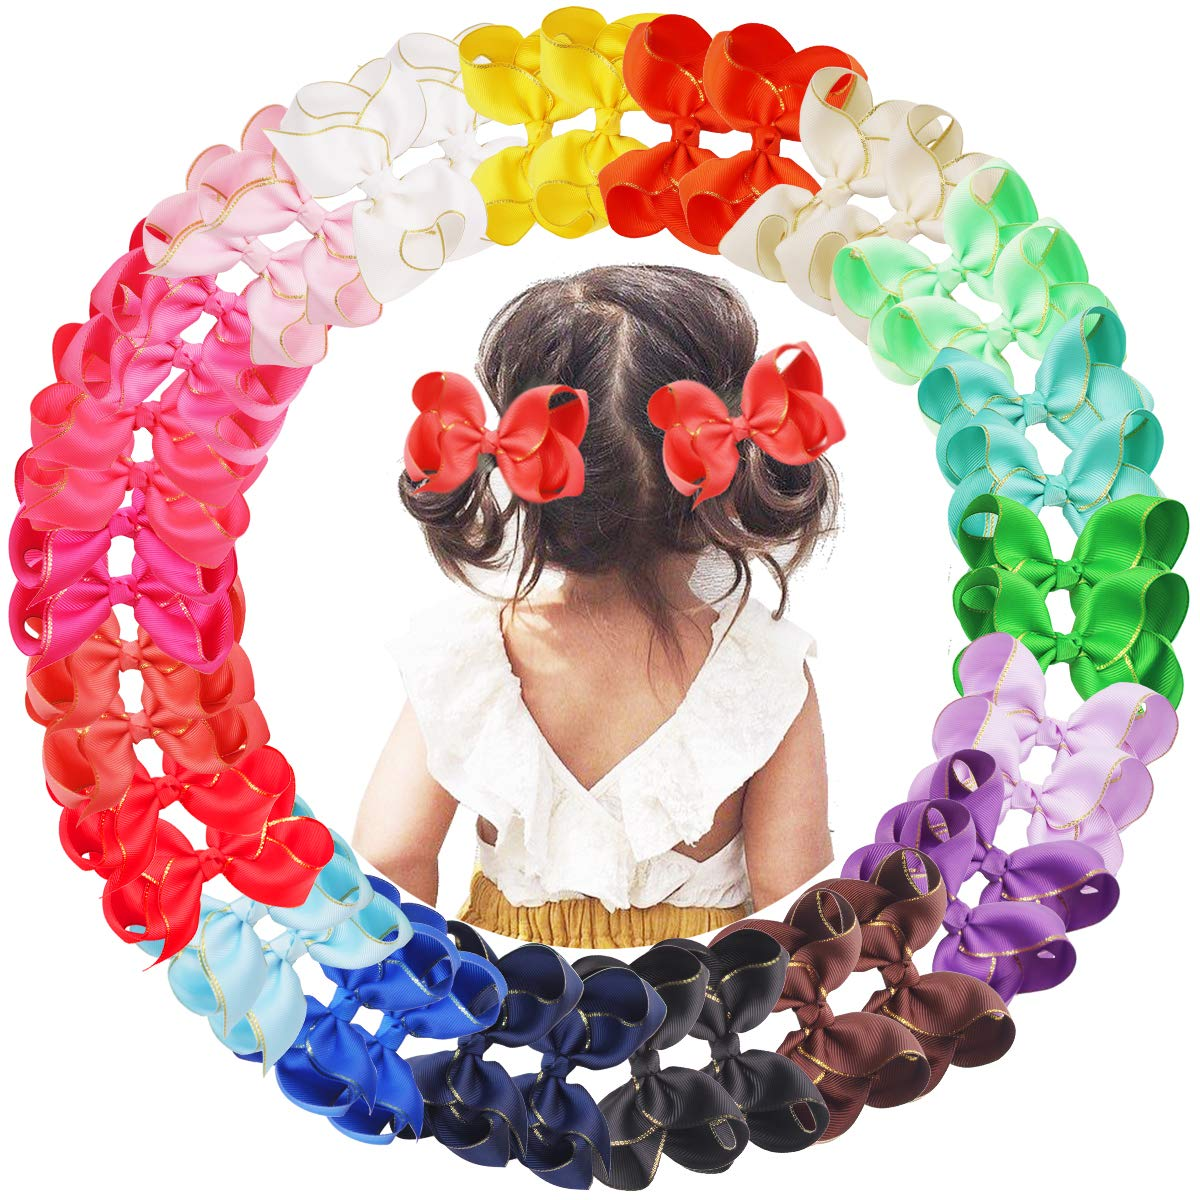 40PCS Baby Girls Hair Bow Clips I Edge Over Houston Mall item handling Ribbon Gold 4.5 Grosgrain